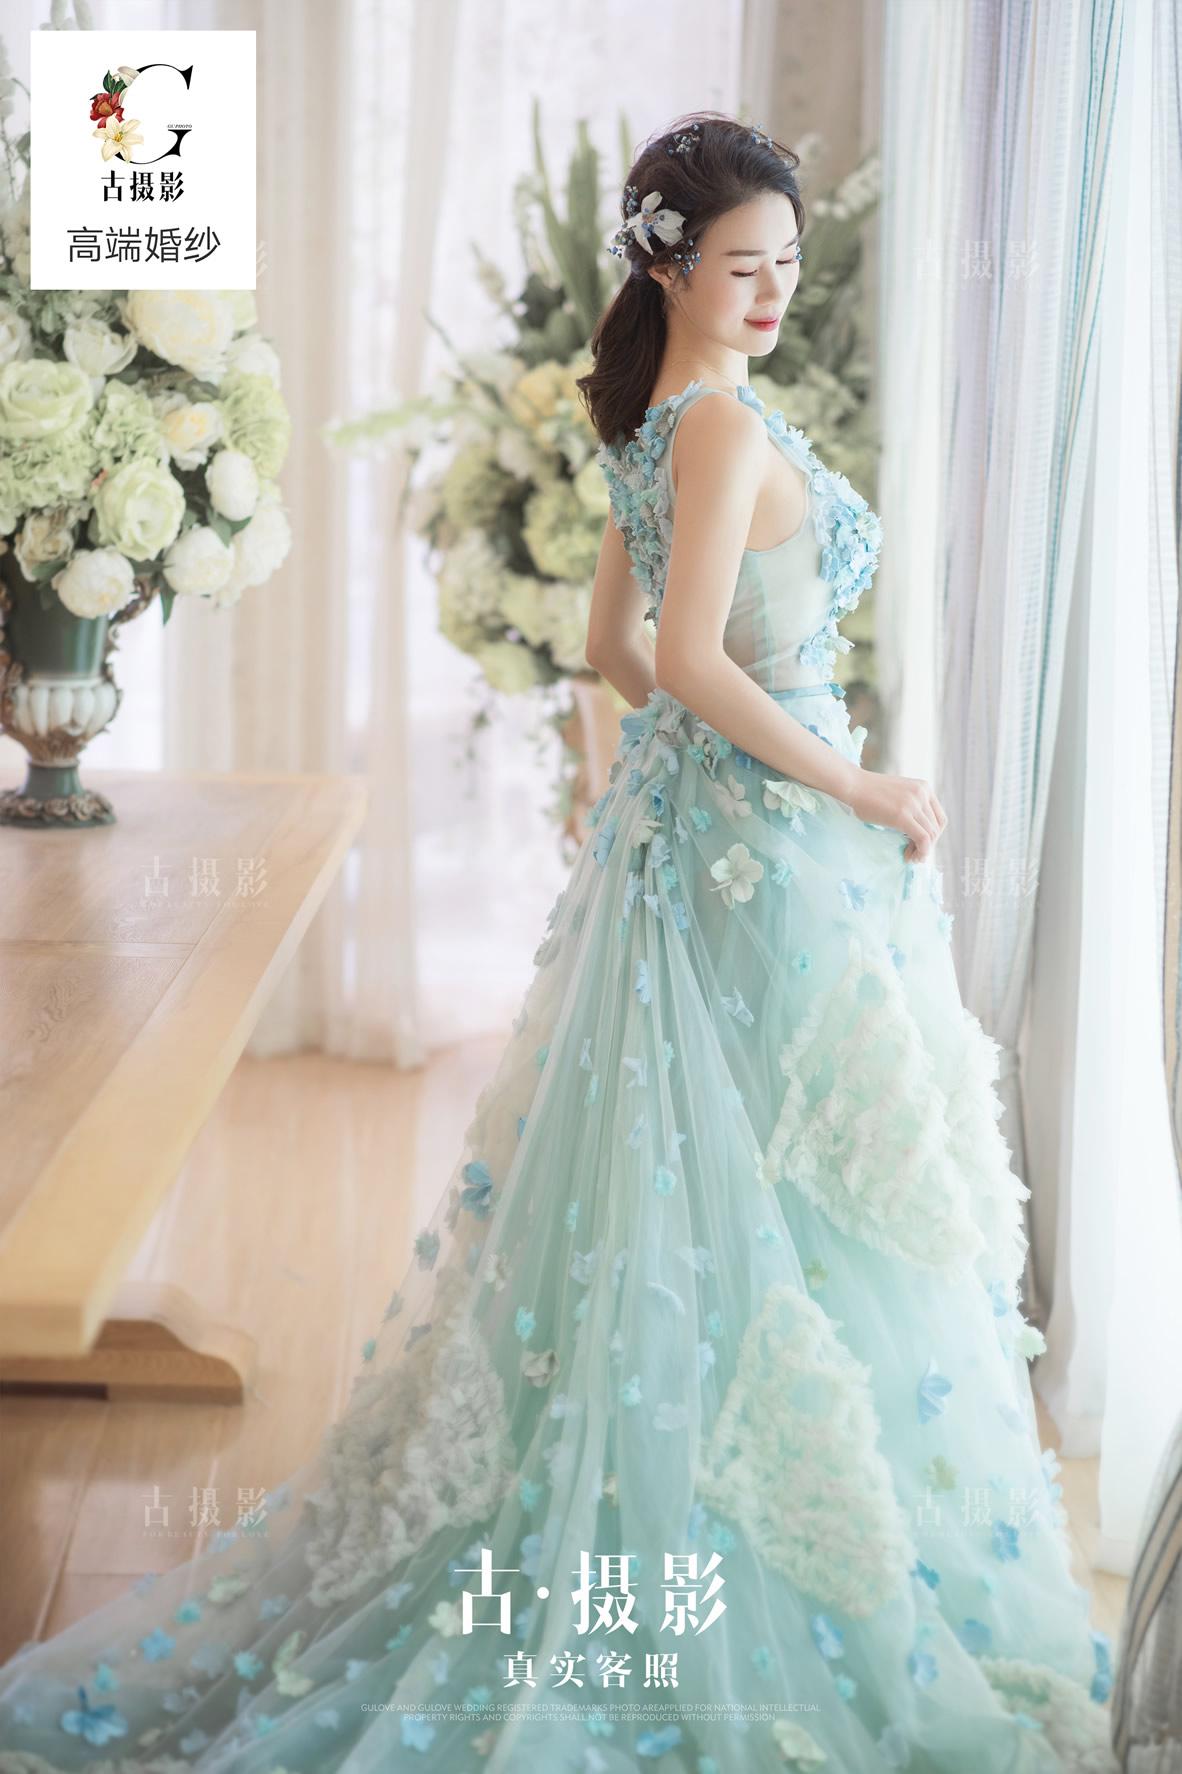 11月27日客片柳先生 文小姐 - 每日客照 - love上海古摄影-上海婚纱摄影网